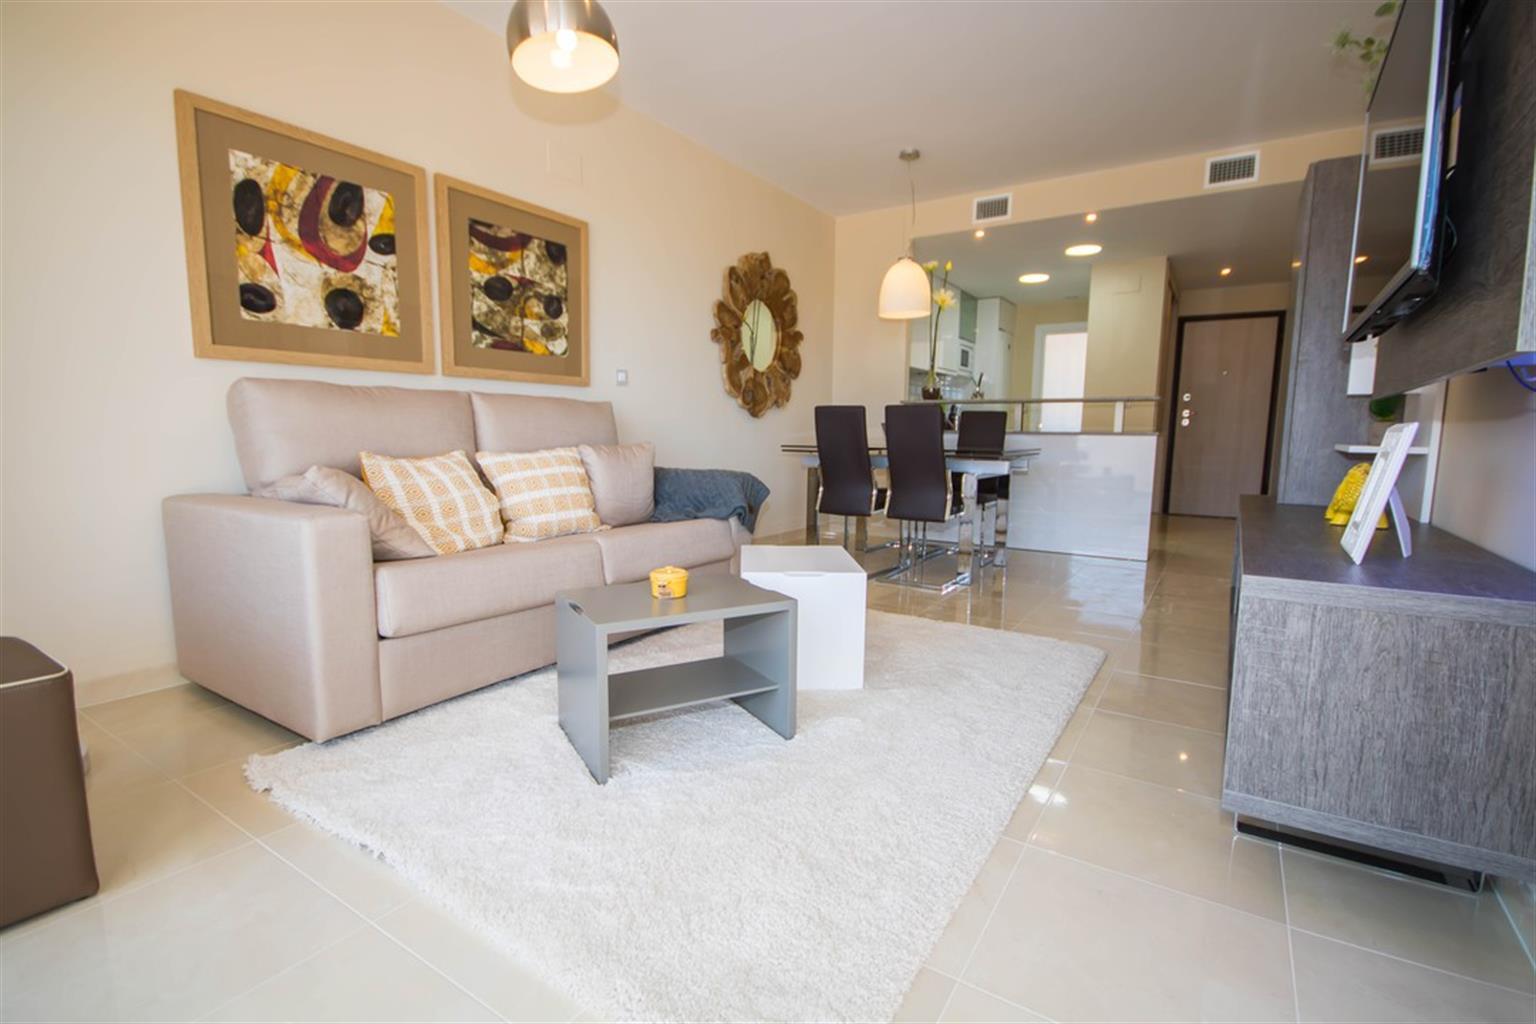 Appartement - Orihuela Costa - #4228409-13